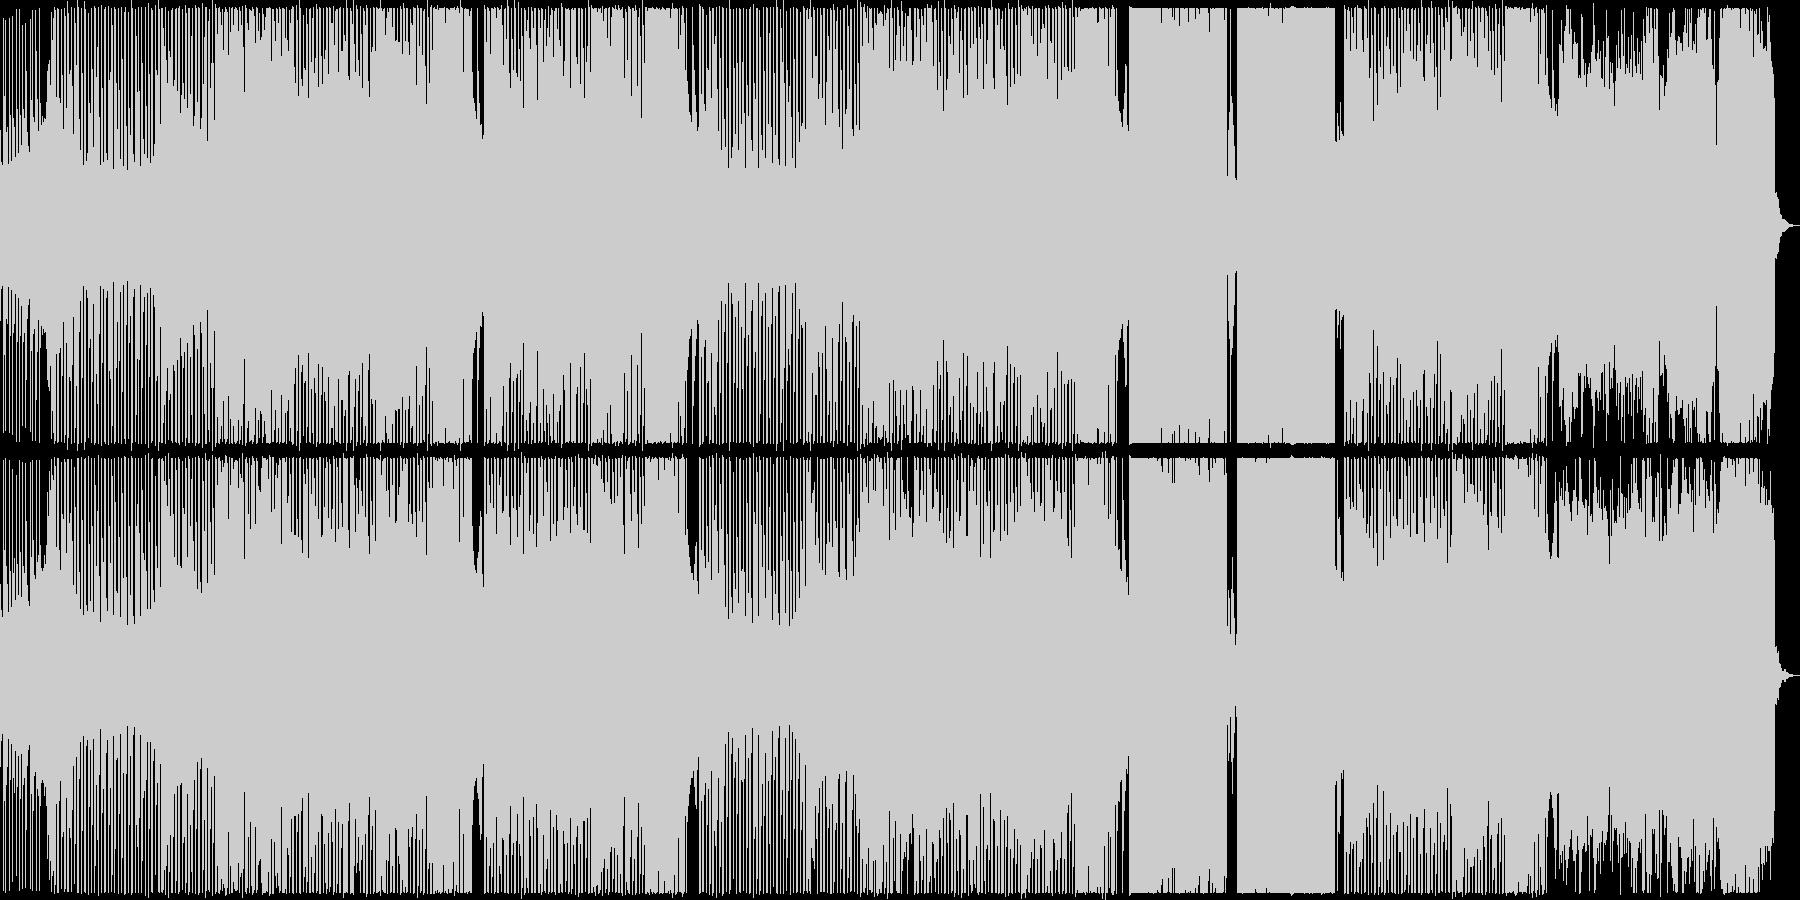 機械的でロボティックなノリの良いテクノの未再生の波形